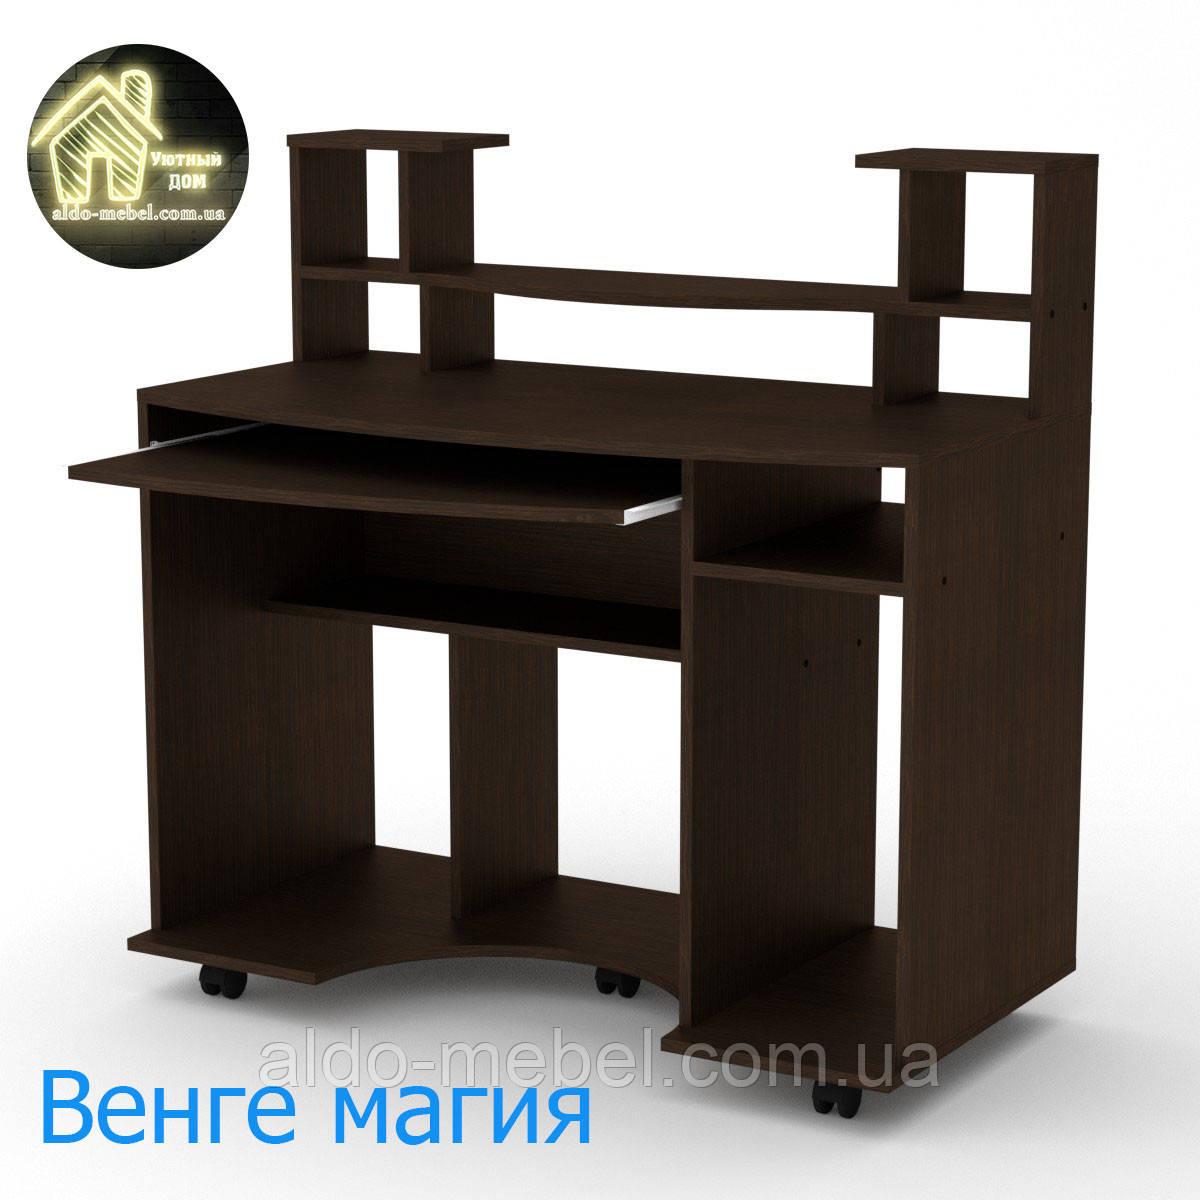 Стол компьютерный Комфорт - 1 Габариты Ш - 1100 мм; В - 786 + 306 мм; Г - 600 мм (Компанит)